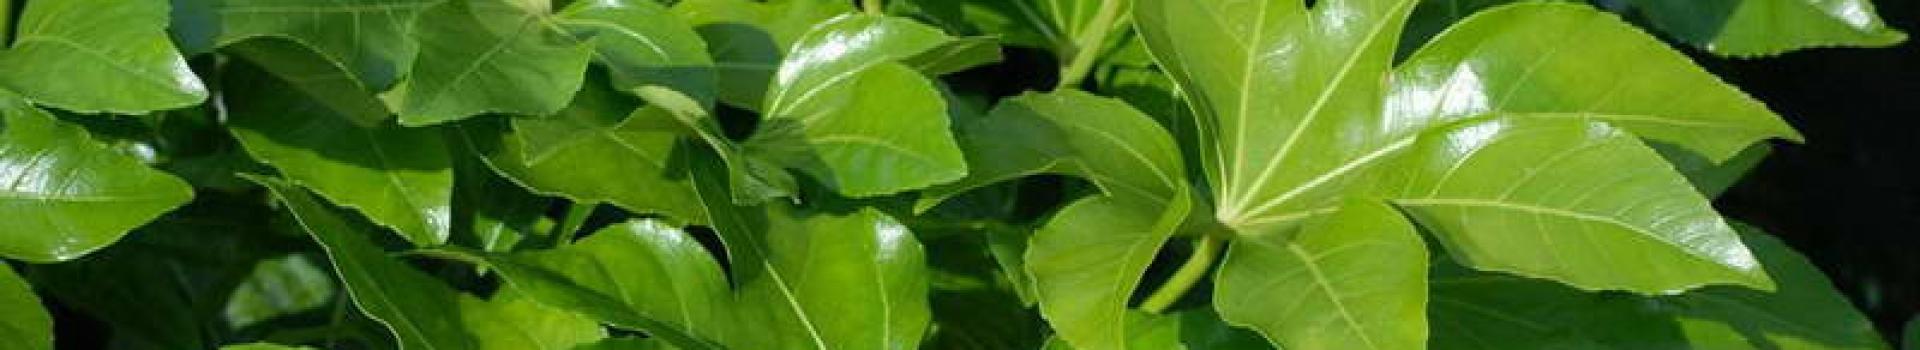 گیاه آلاریا